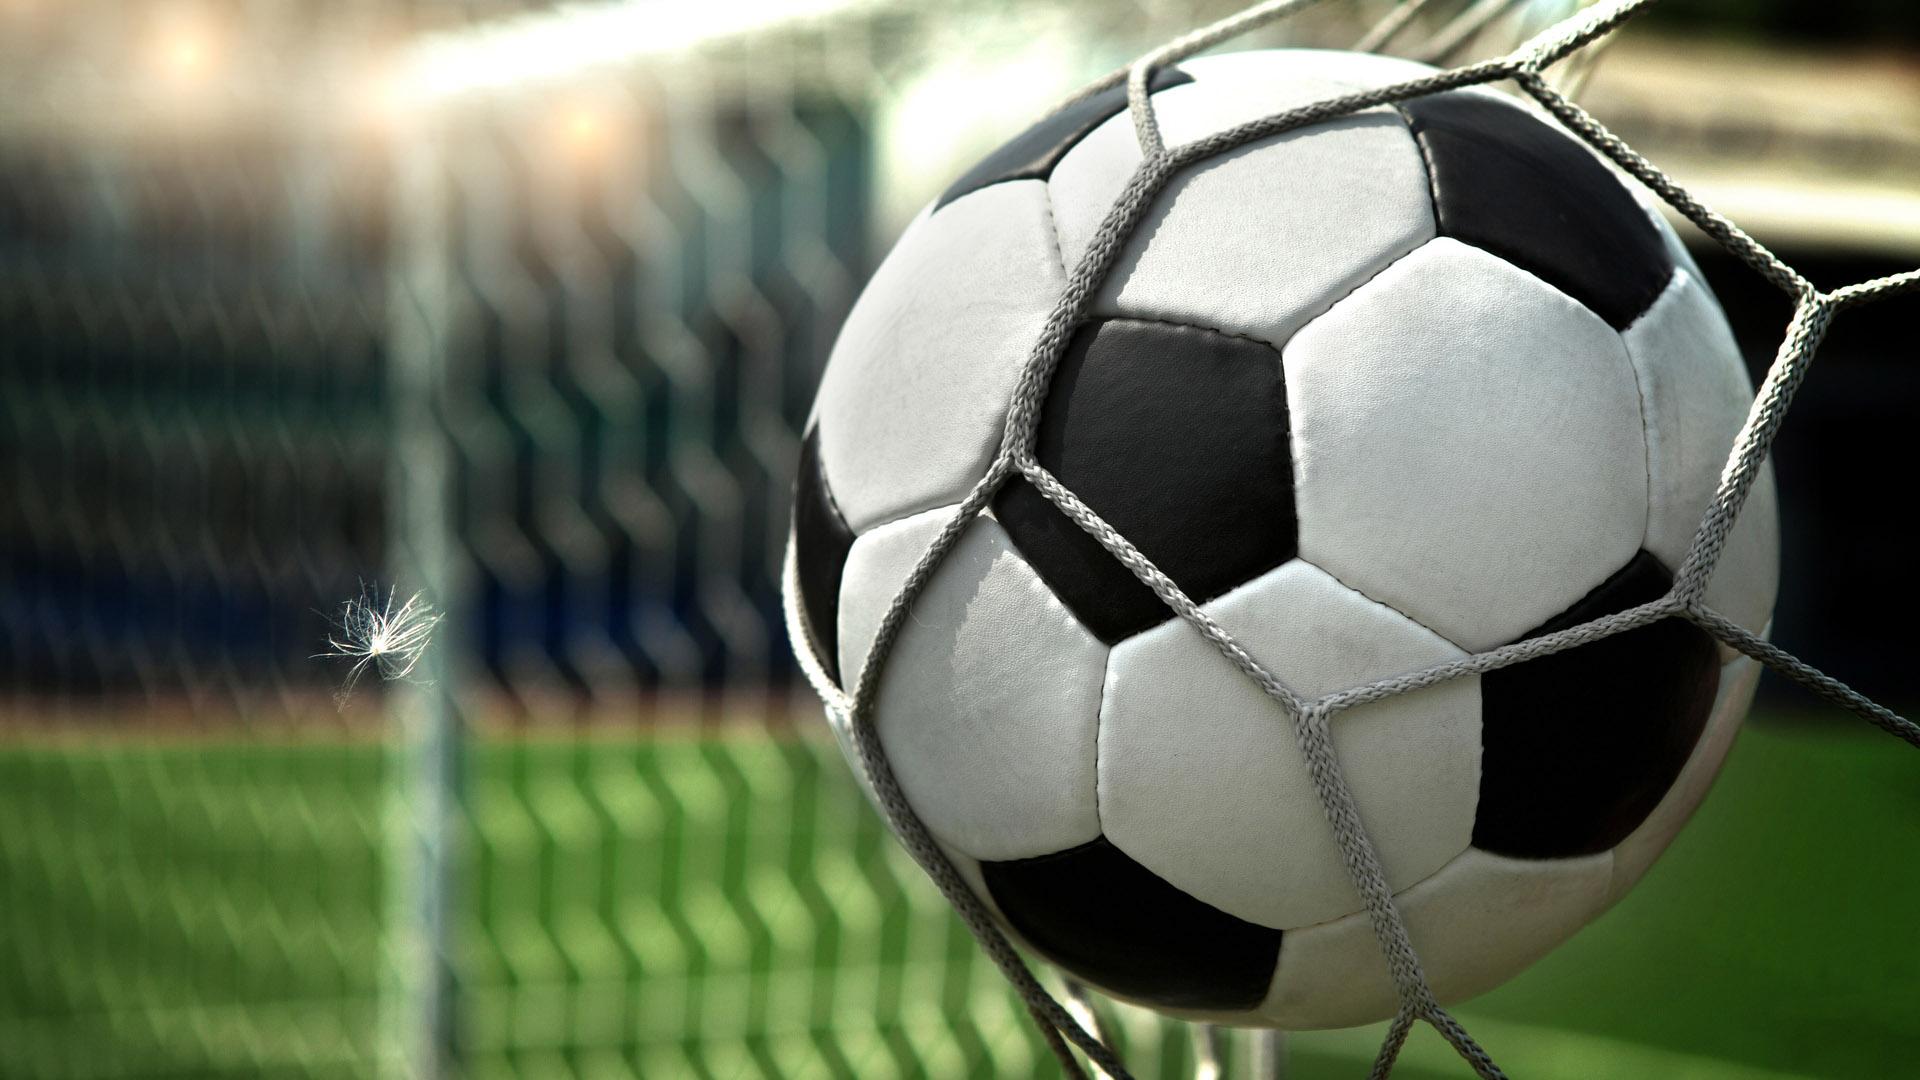 Мяч в сетке  № 1365425 загрузить